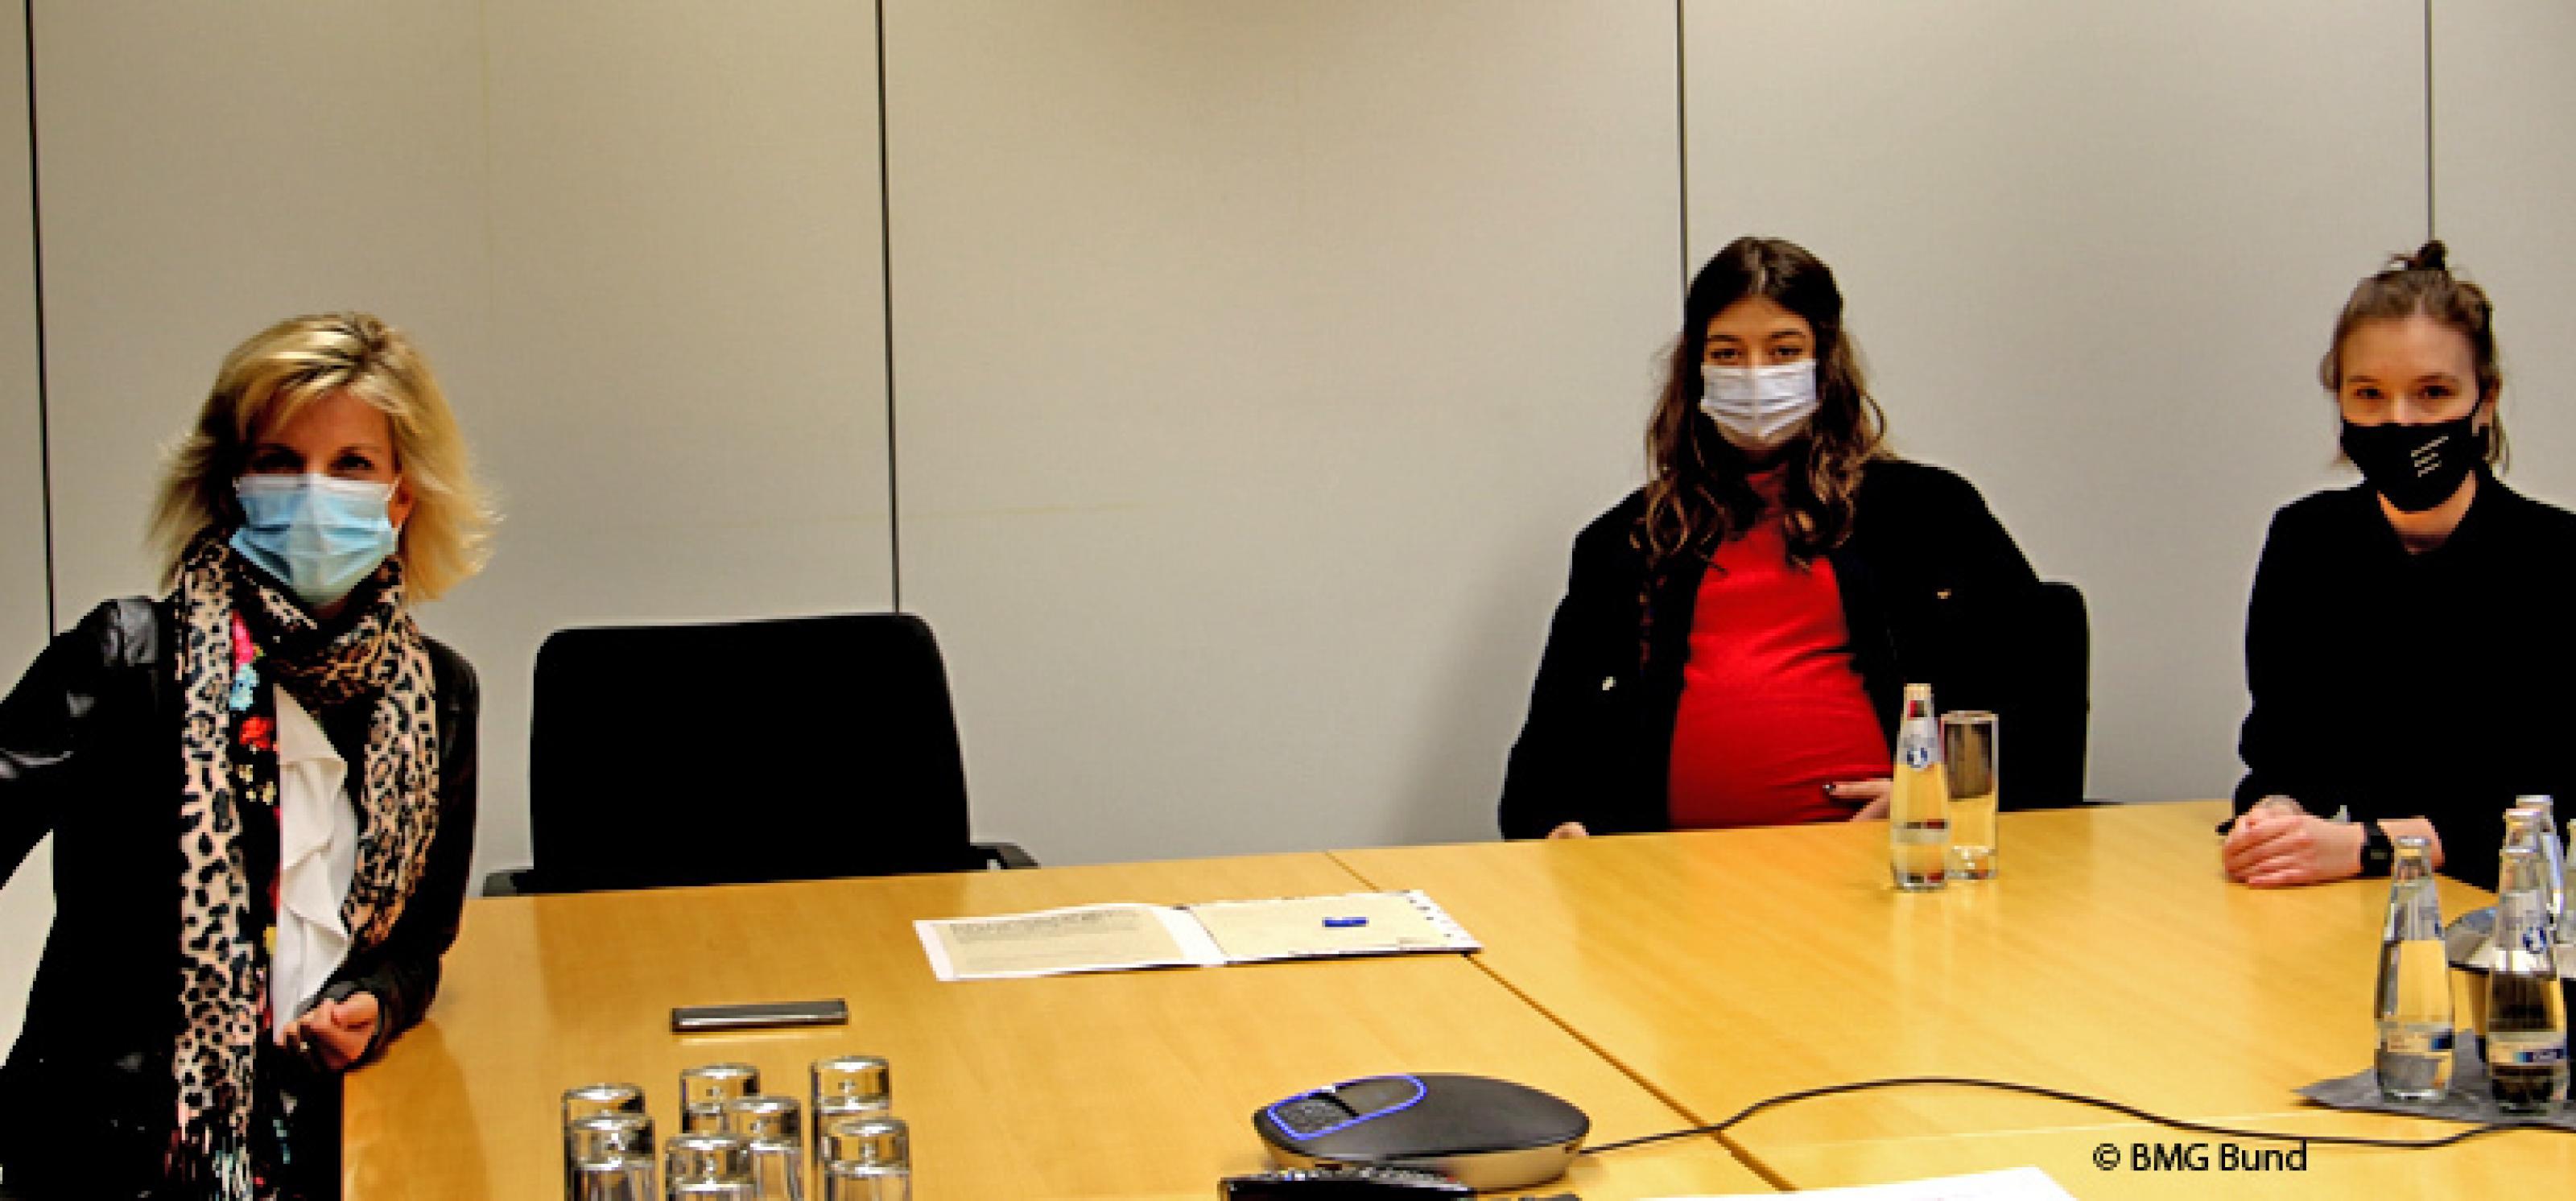 Von links nach rechts: Daniela Ludwig sowieZhana Jung und Philine Edbauer von der Initiative #mybrainmychoice für eine neue Drogenpolitik| © BMG Bund